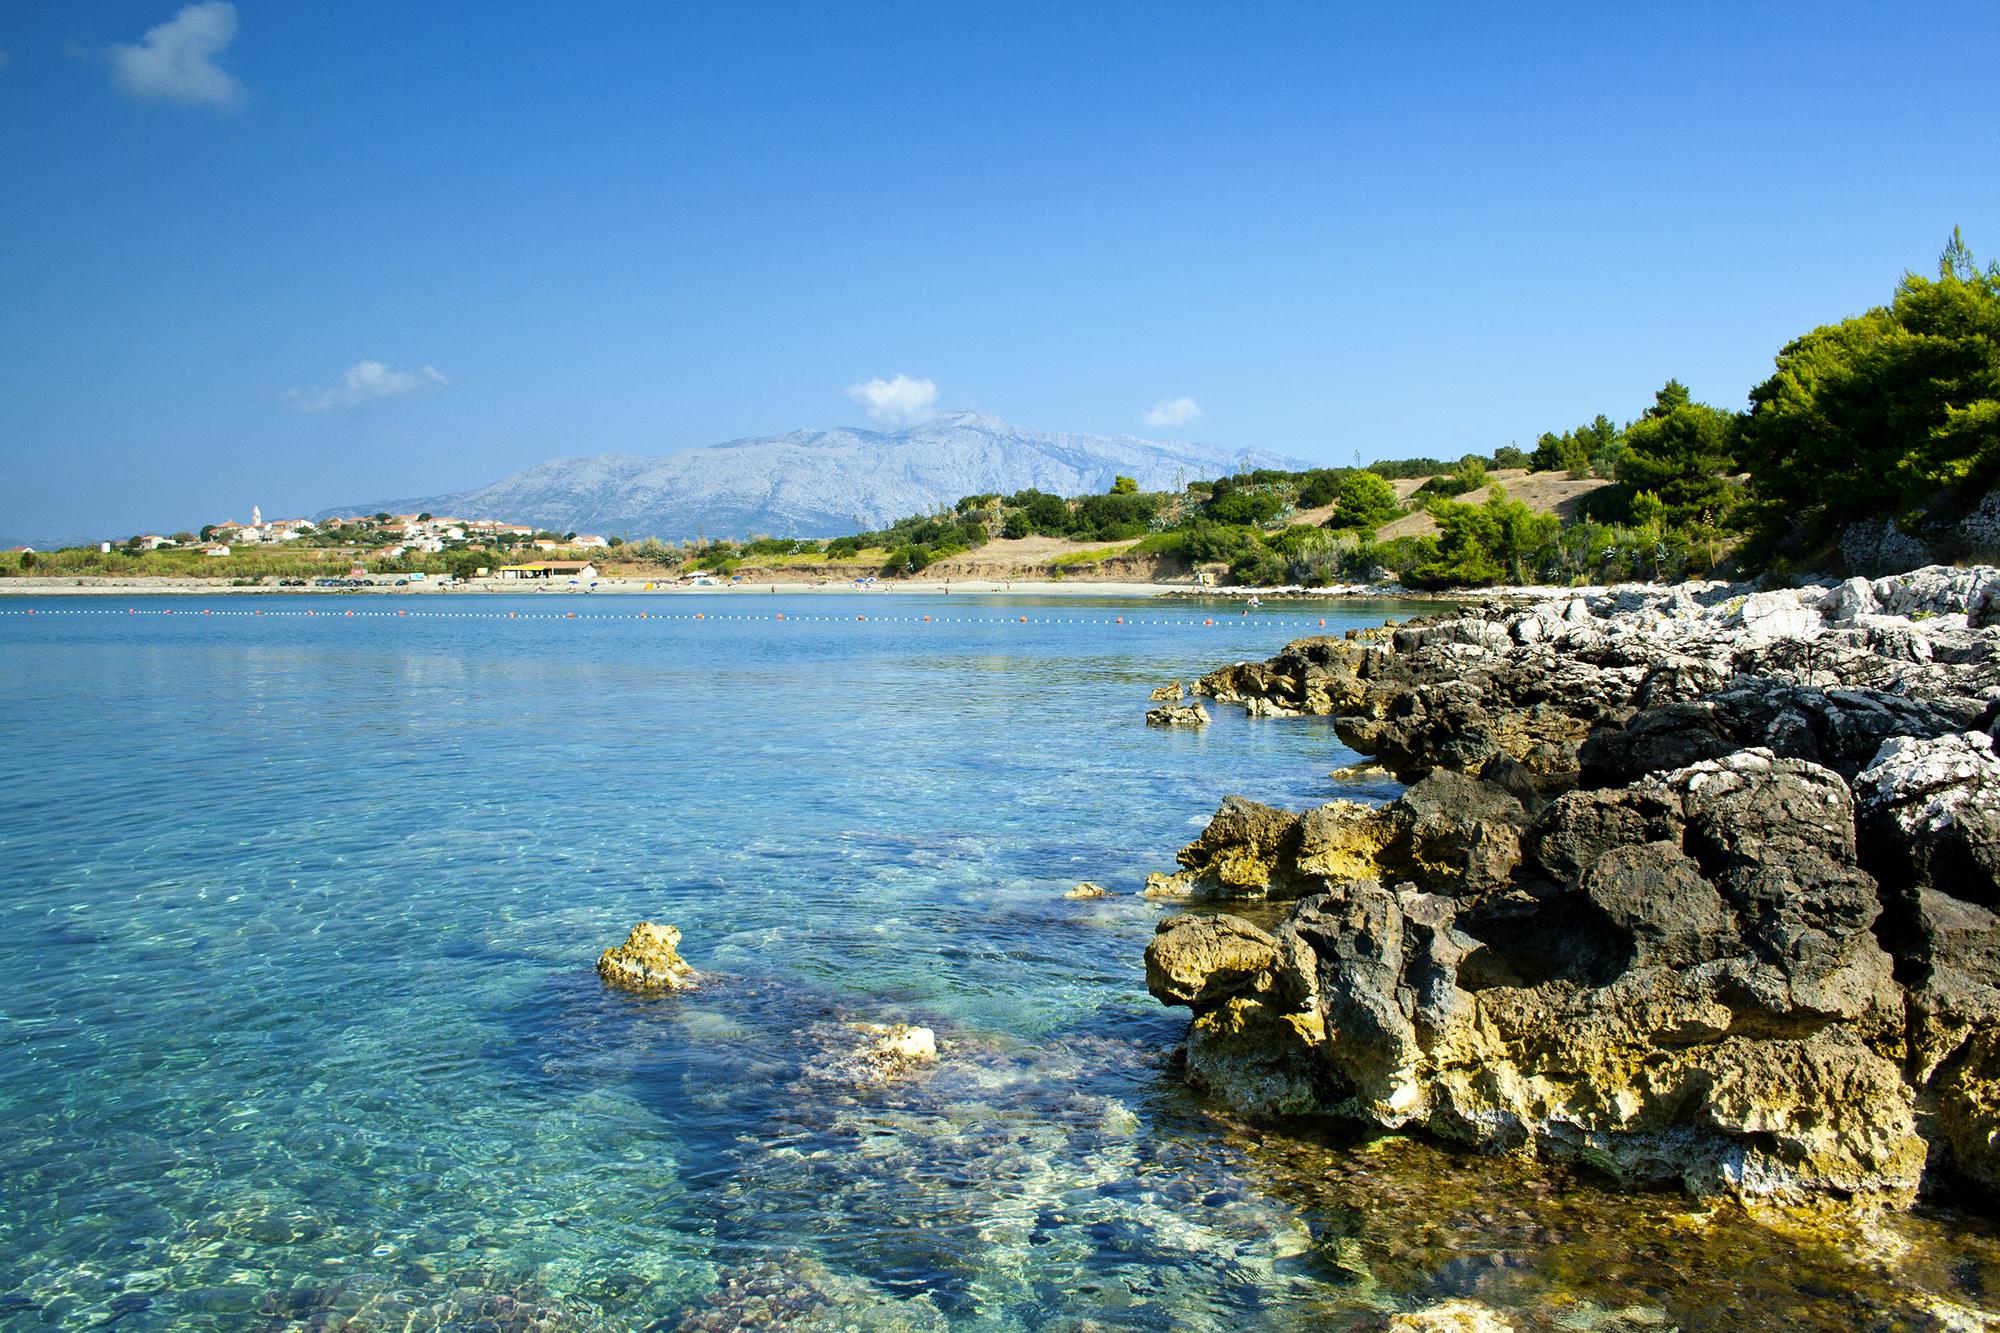 Przina bay, Korcula island, Croatia